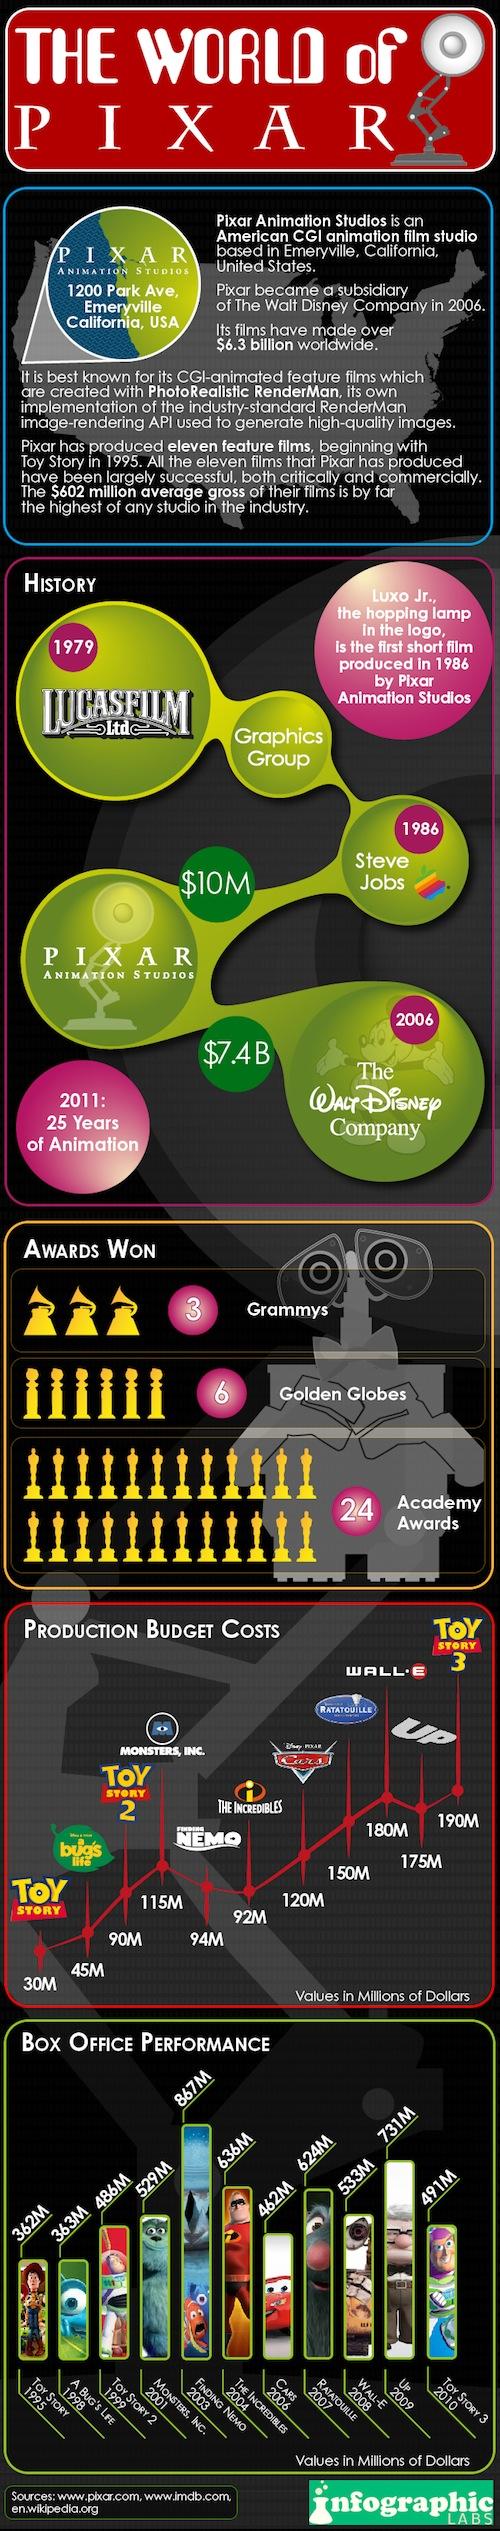 El mundo de Pixar [Infografía] - el-mundo-de-pixar